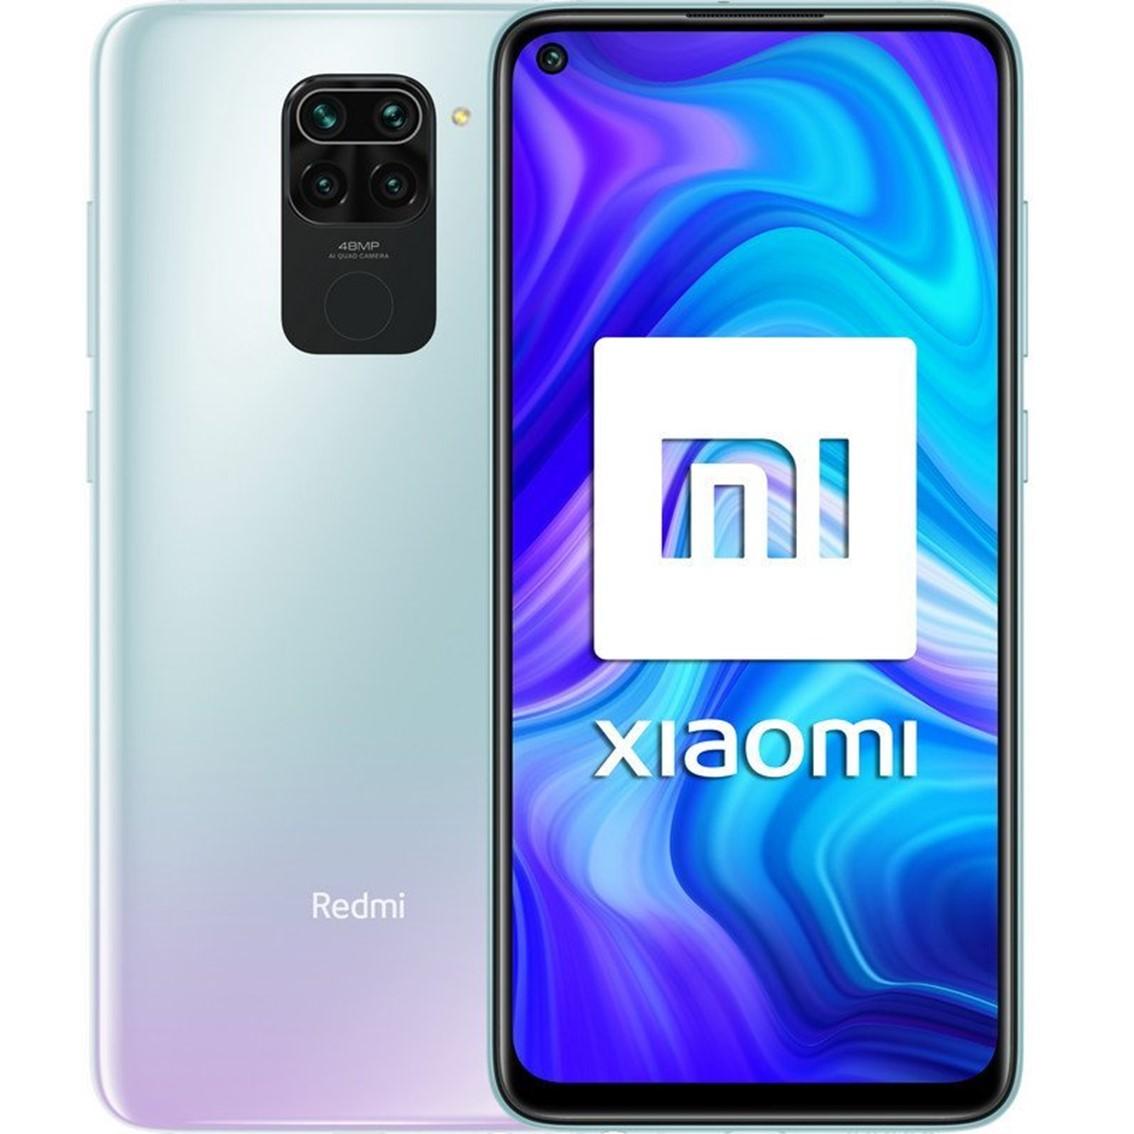 """TELEFONO MOVIL SMARTPHONE XIAOMI REDMI NOTE 9 POLAR WHITE/ 6.53""""/ 128GB ROM/ 4GB RAM/ 48+8+2+2MPX/ 13MPX/ 5020MAH/ 4G/ HUELLA/ OCTA CORE"""